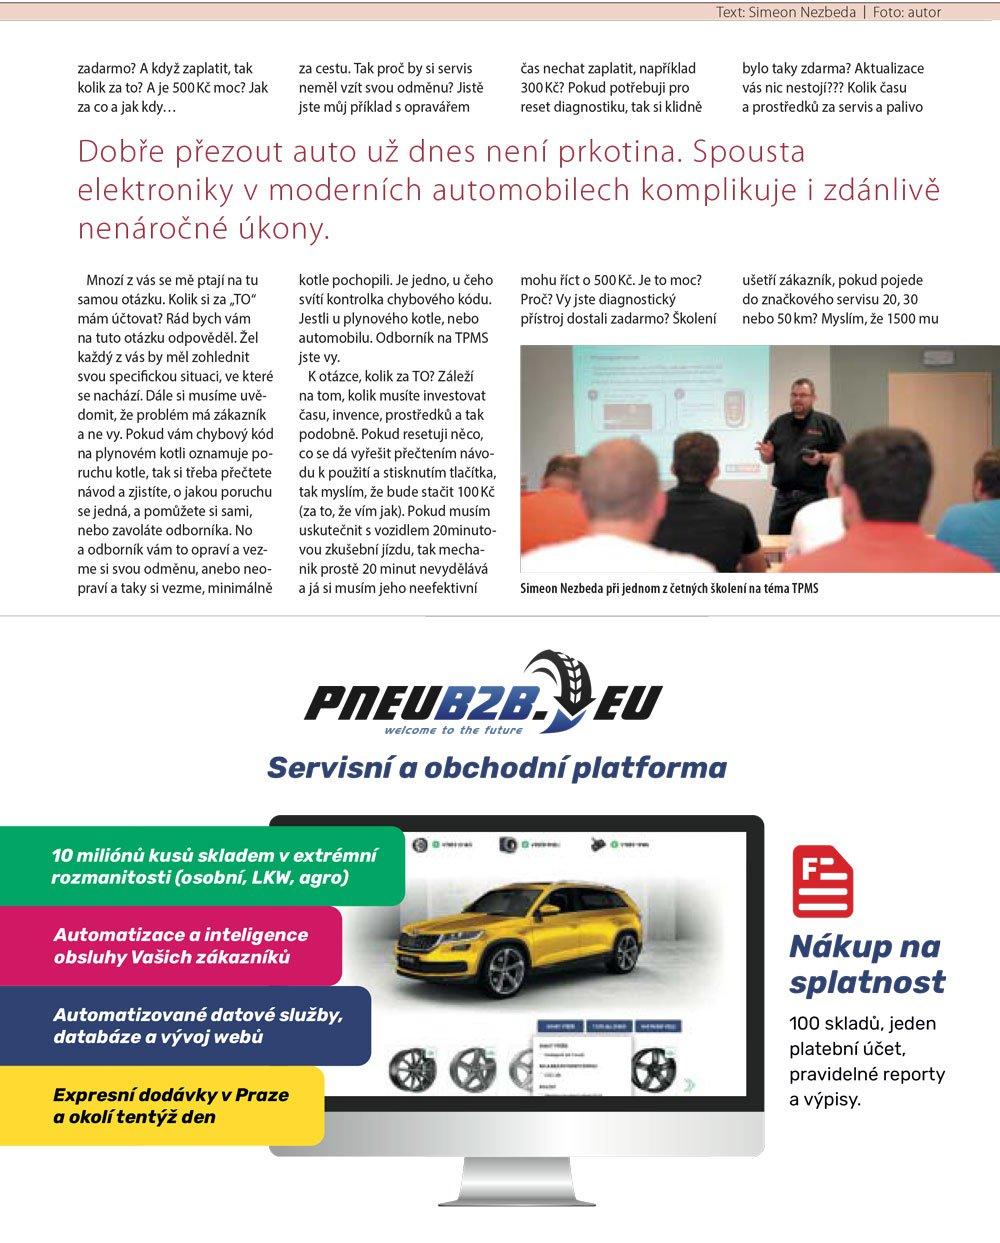 Pneurevue - TPMS jako příležitost 2